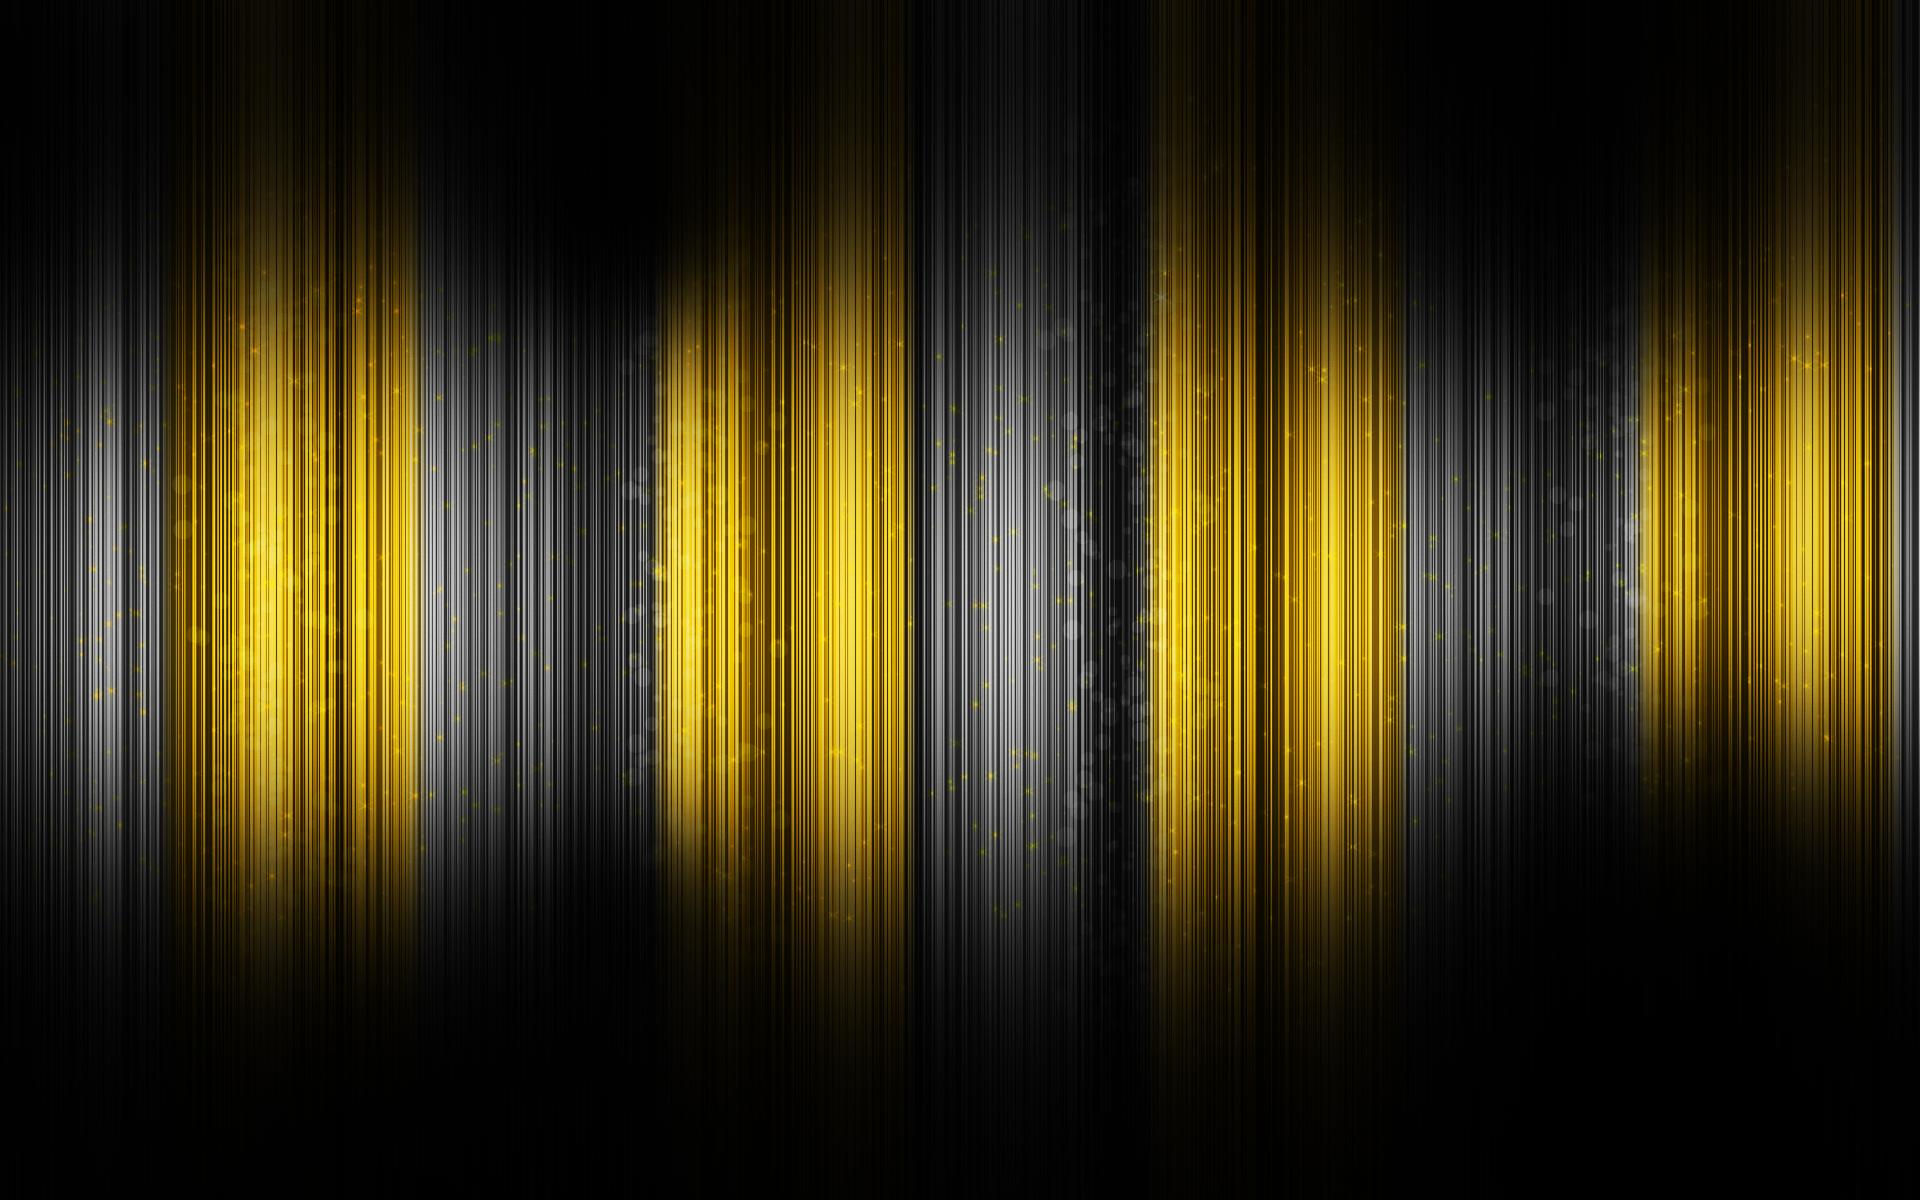 Hd Abstract Wallpapers - WallpaperSafari